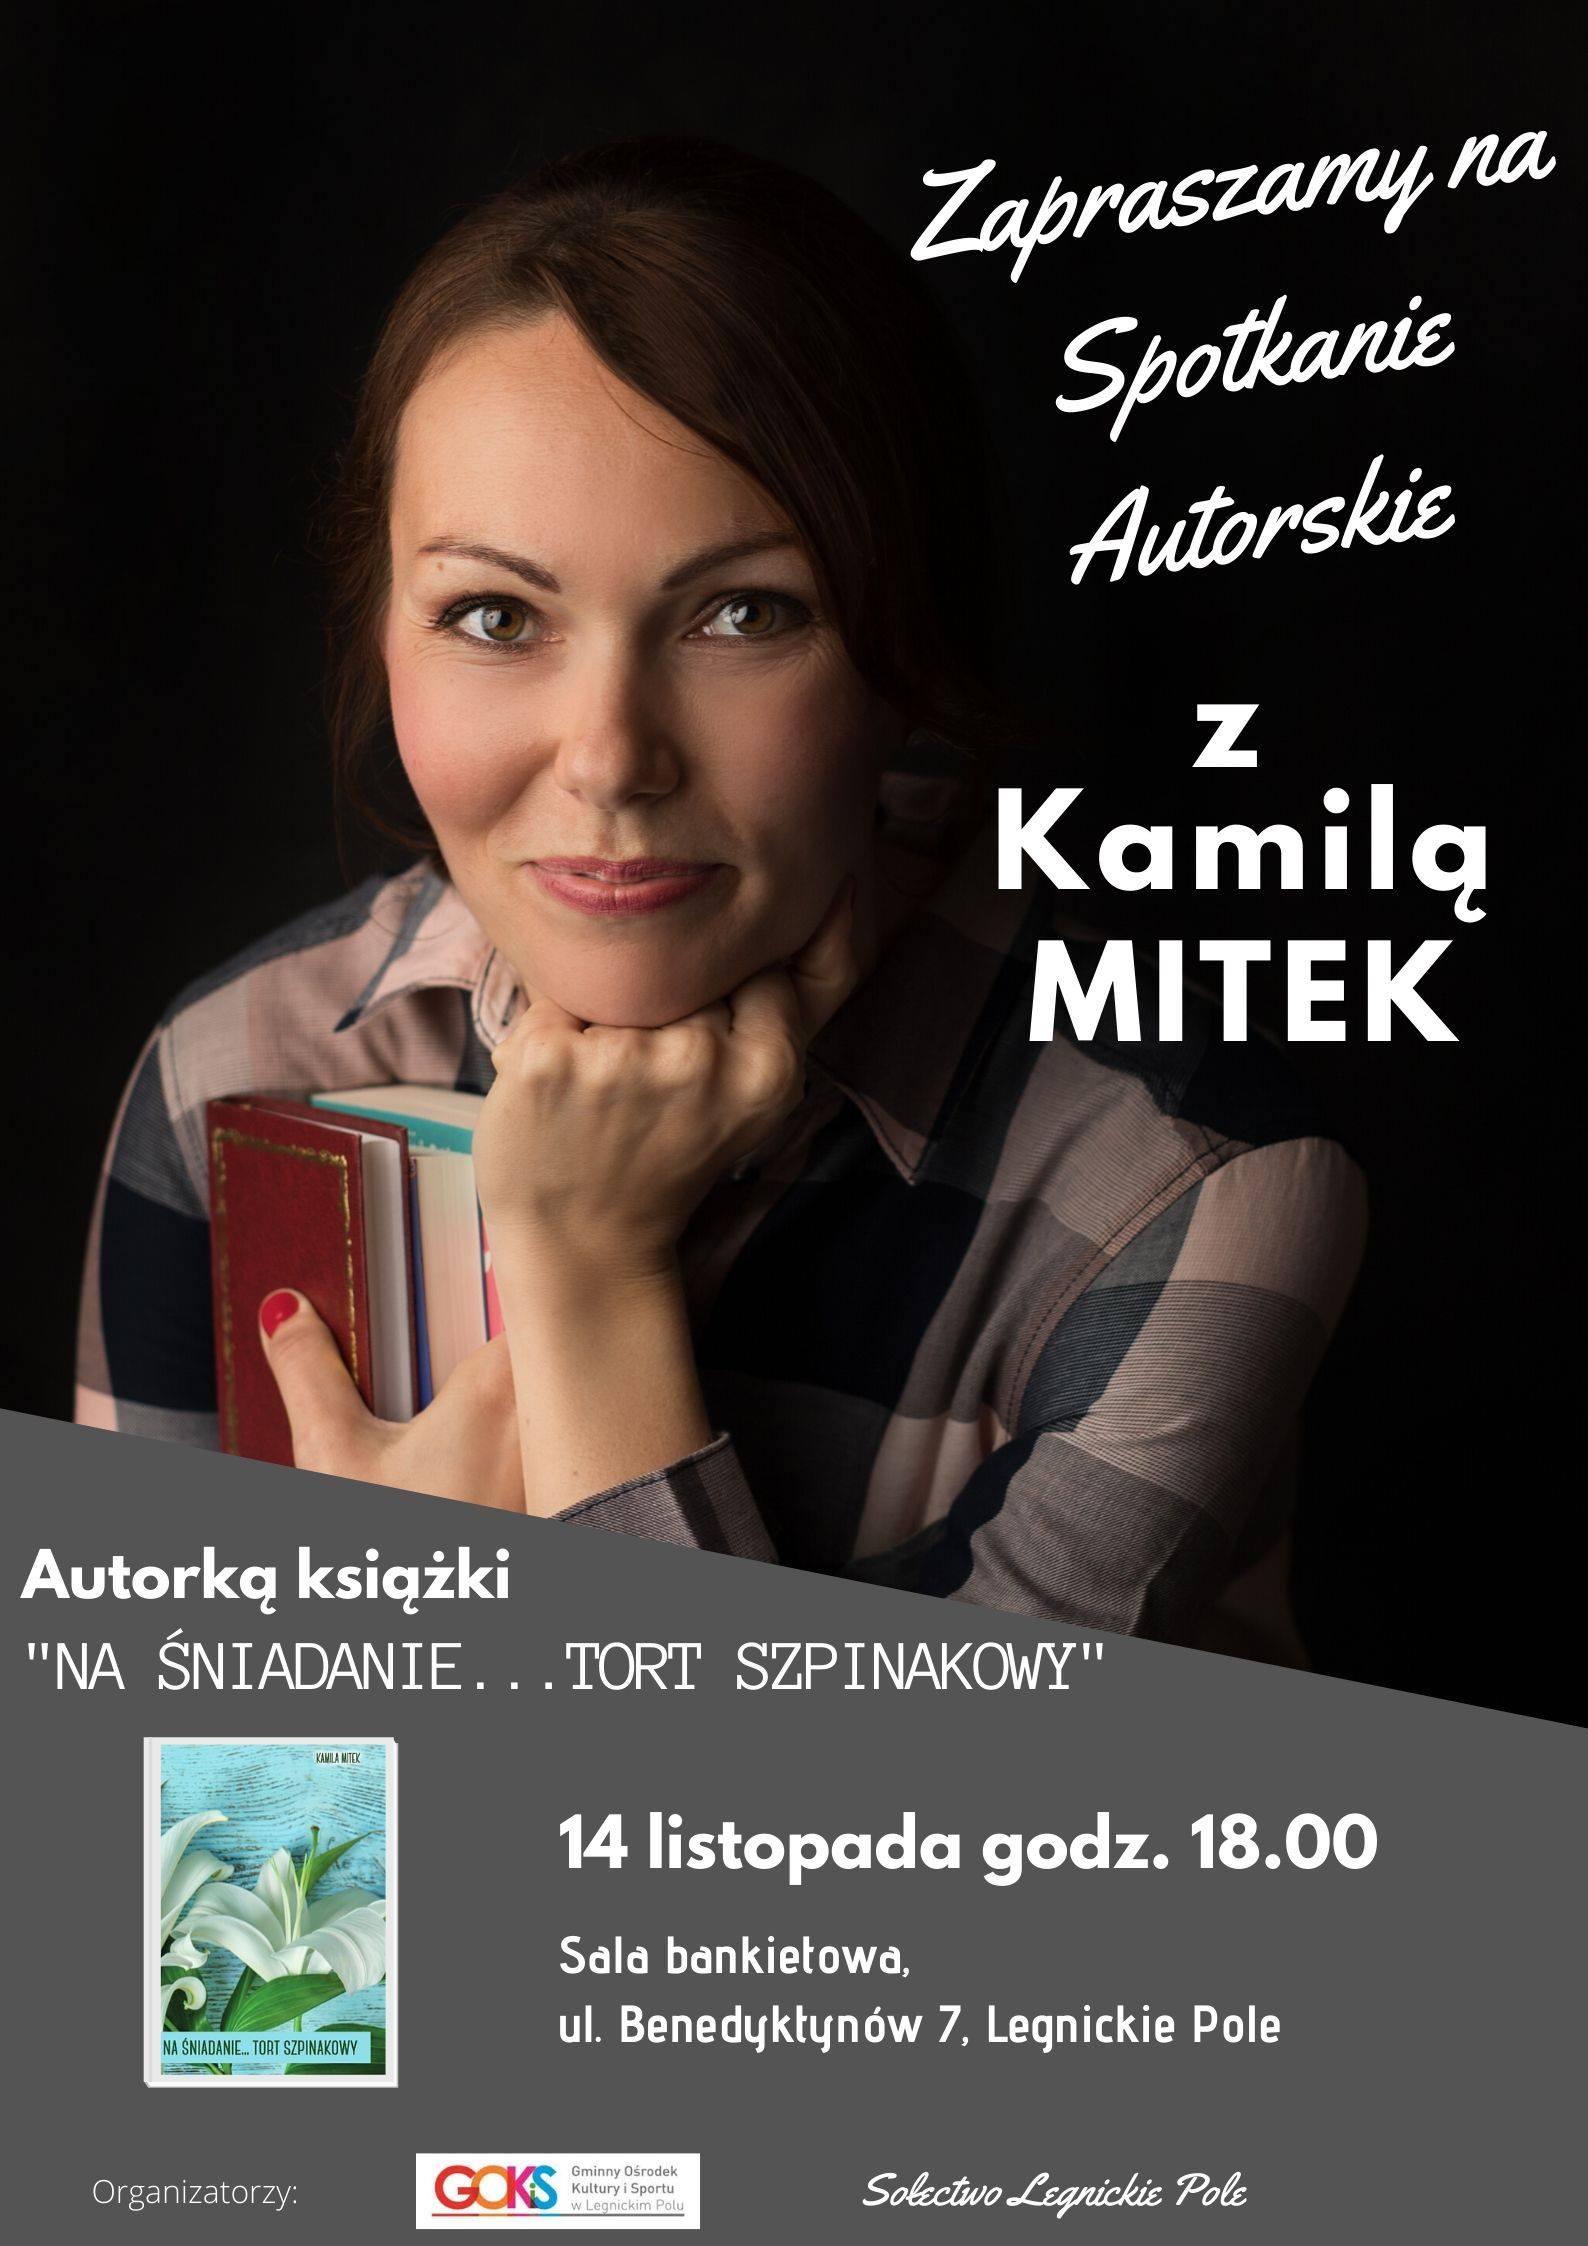 Spotkanie autorskie z Kamilą Mitek